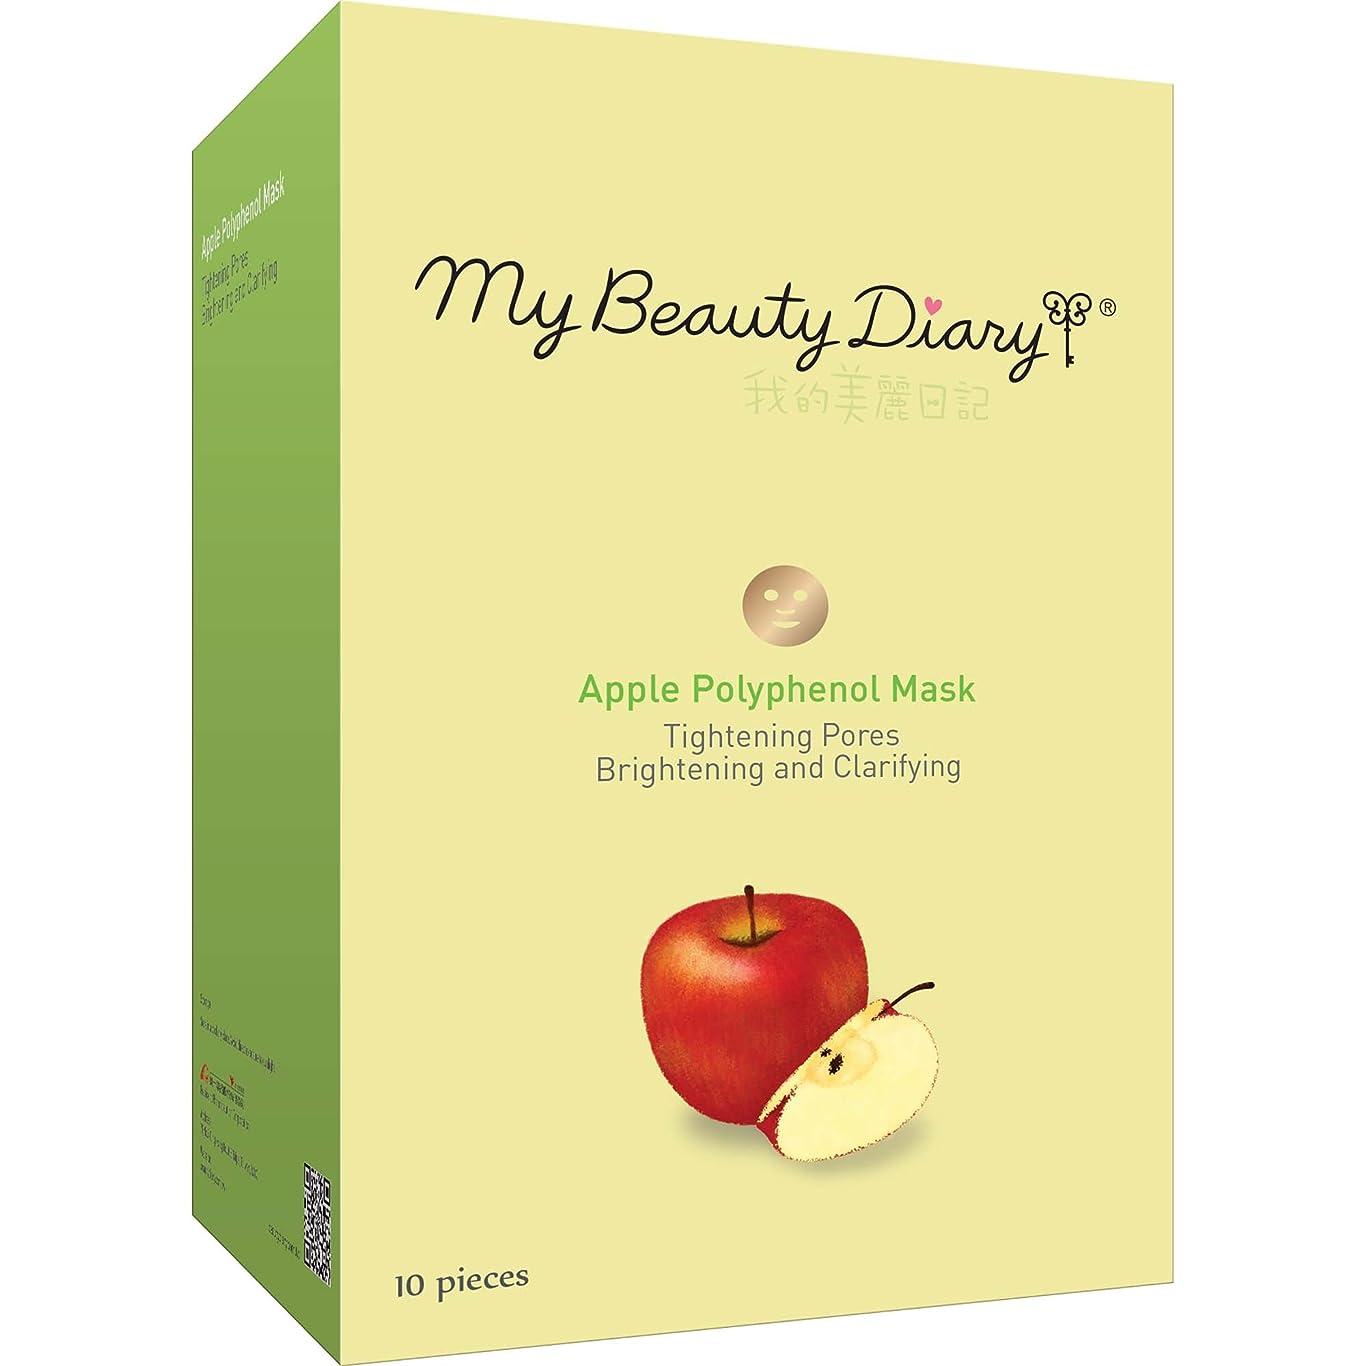 リアルアーサーコナンドイルドアミラーMy Beauty Diary フェイシャルマスク、アップルポリフェノール2015、10カウント